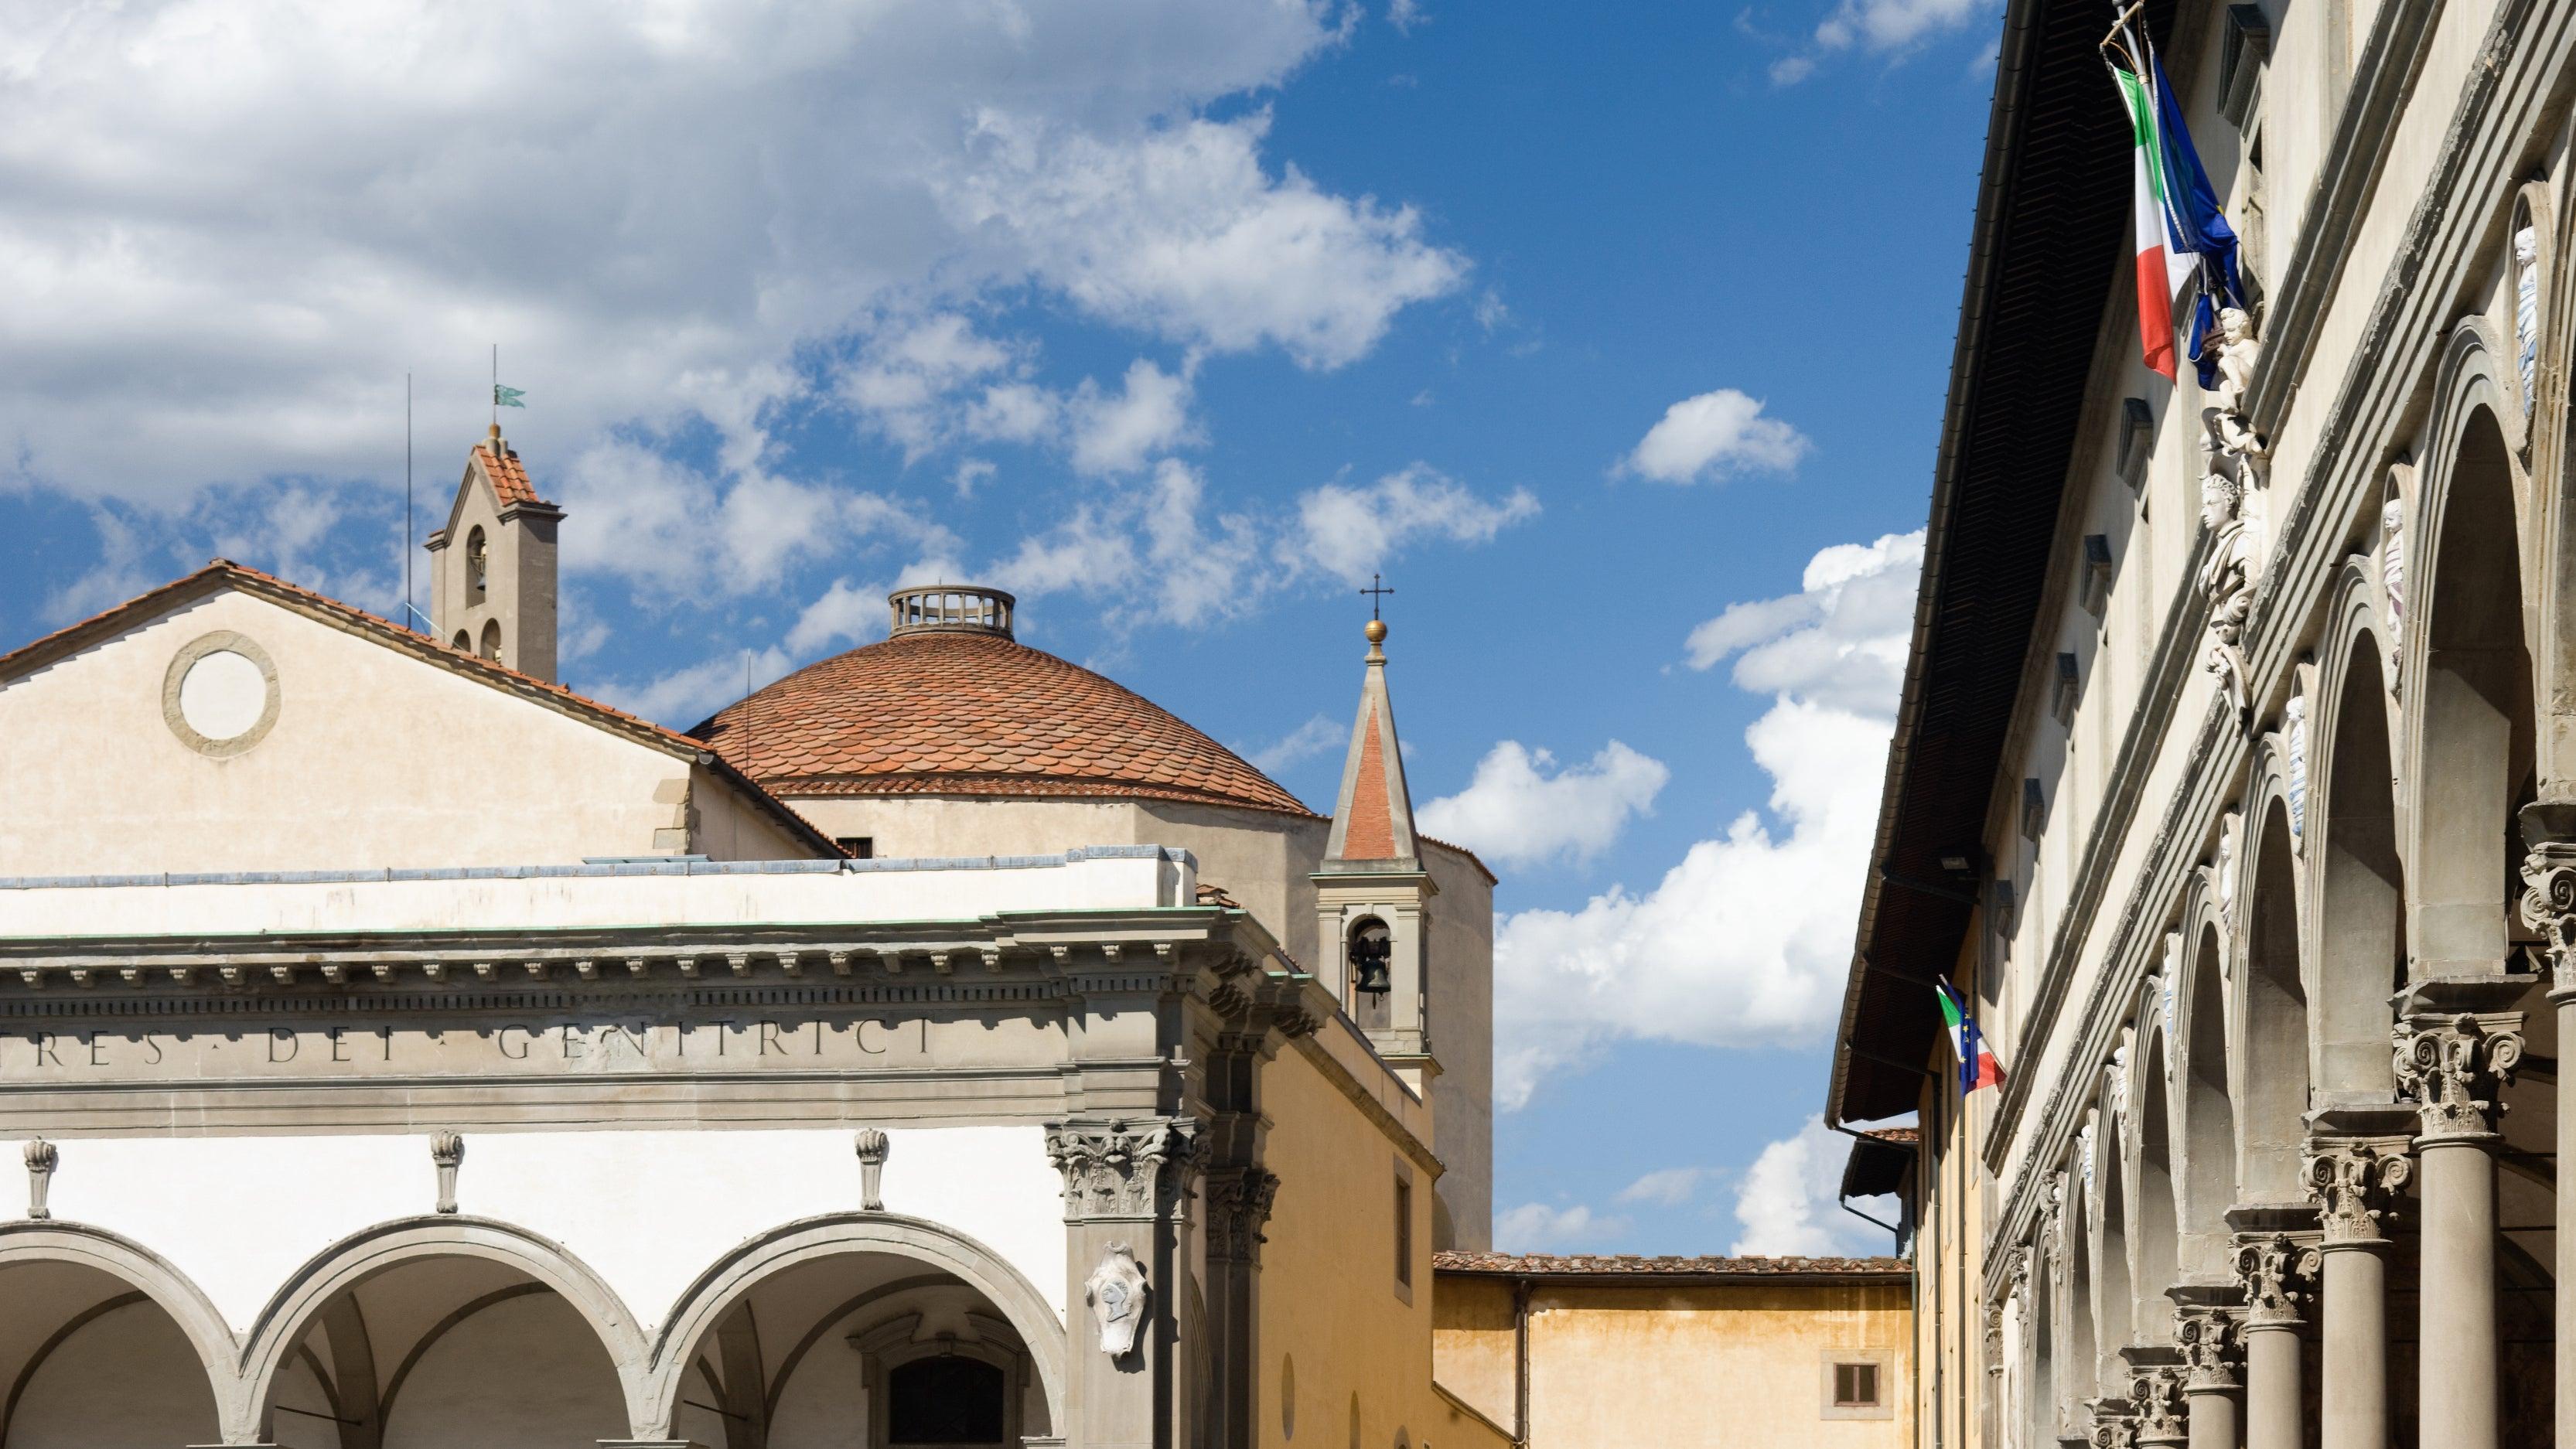 Bußgeld von bis zu 500 Euro droht: Florenz verbietet Essen auf Straße